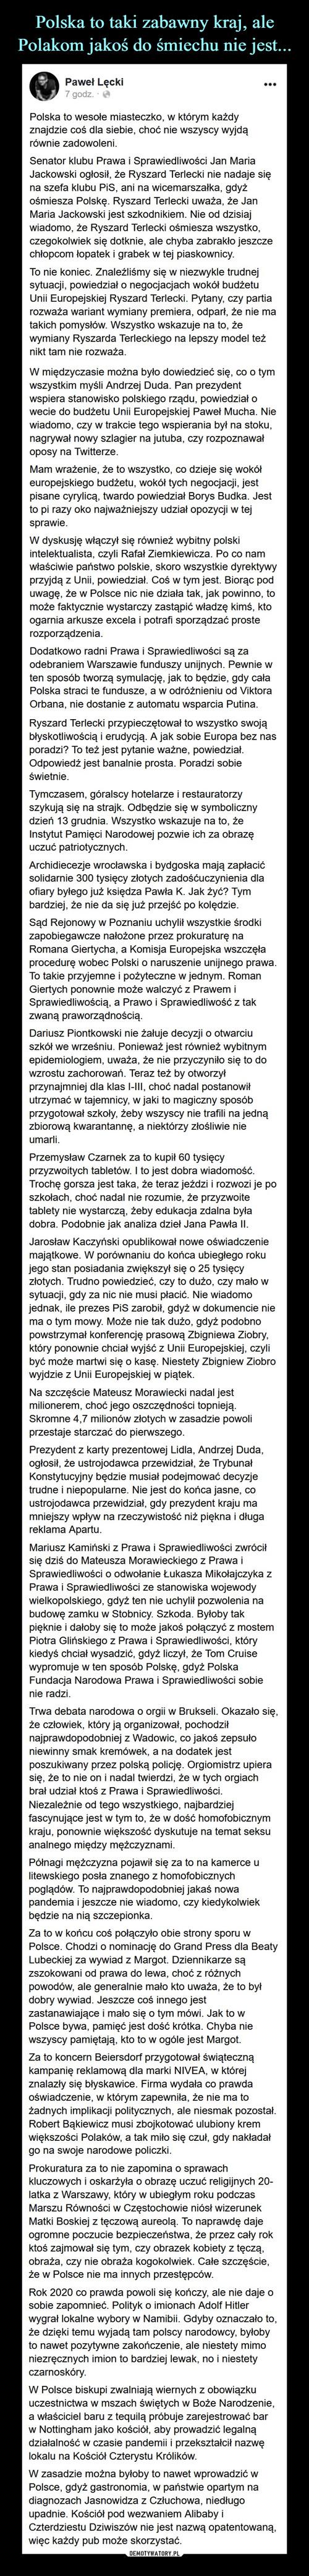 Polska to taki zabawny kraj, ale Polakom jakoś do śmiechu nie jest...